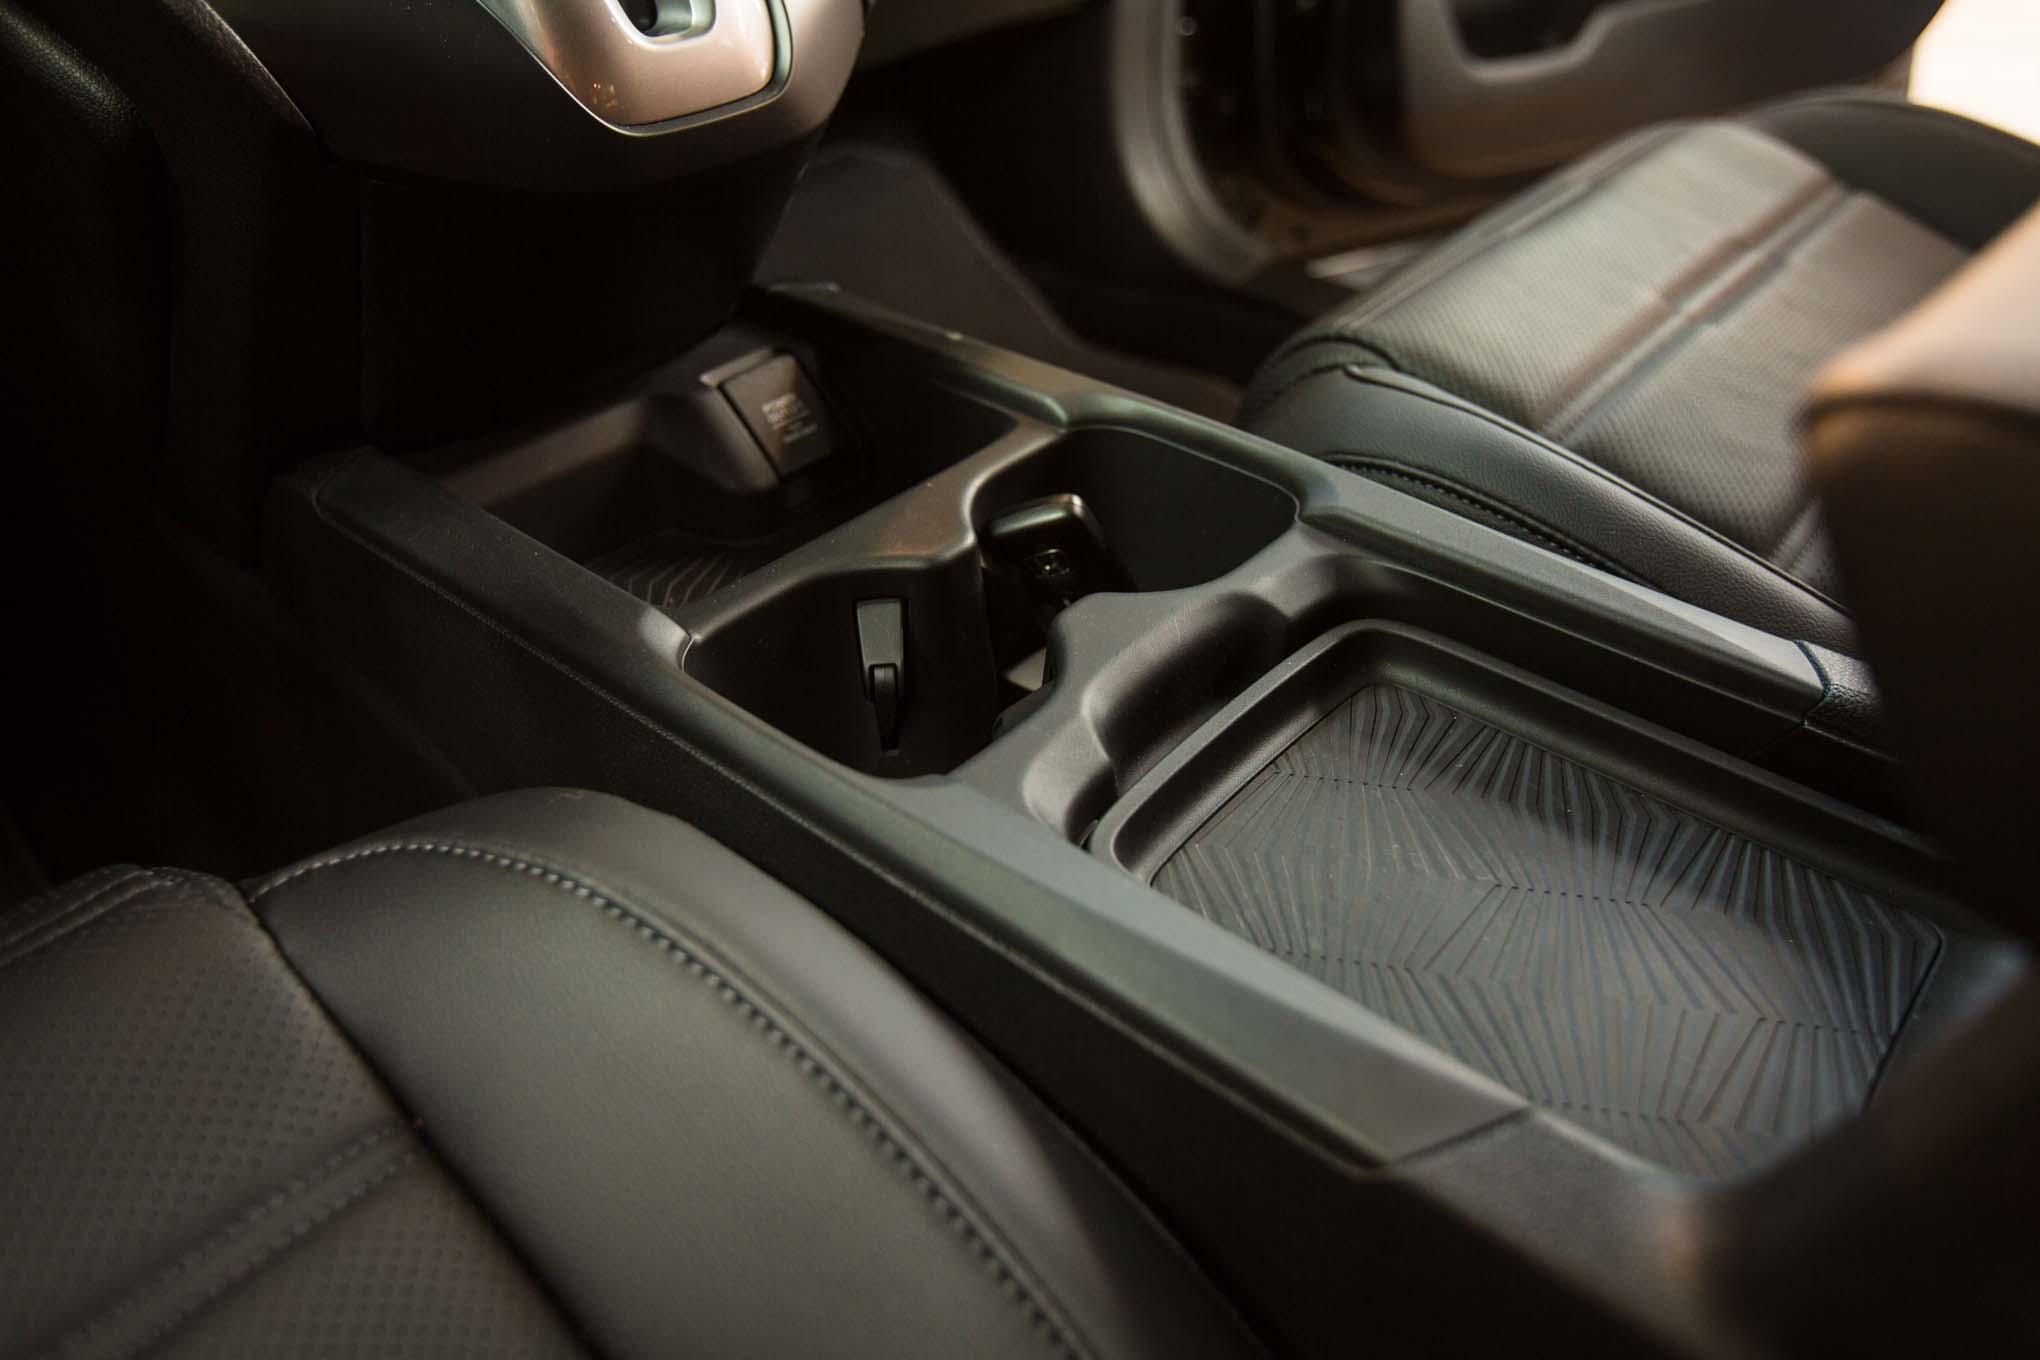 2017-Honda-CR-V-center-console